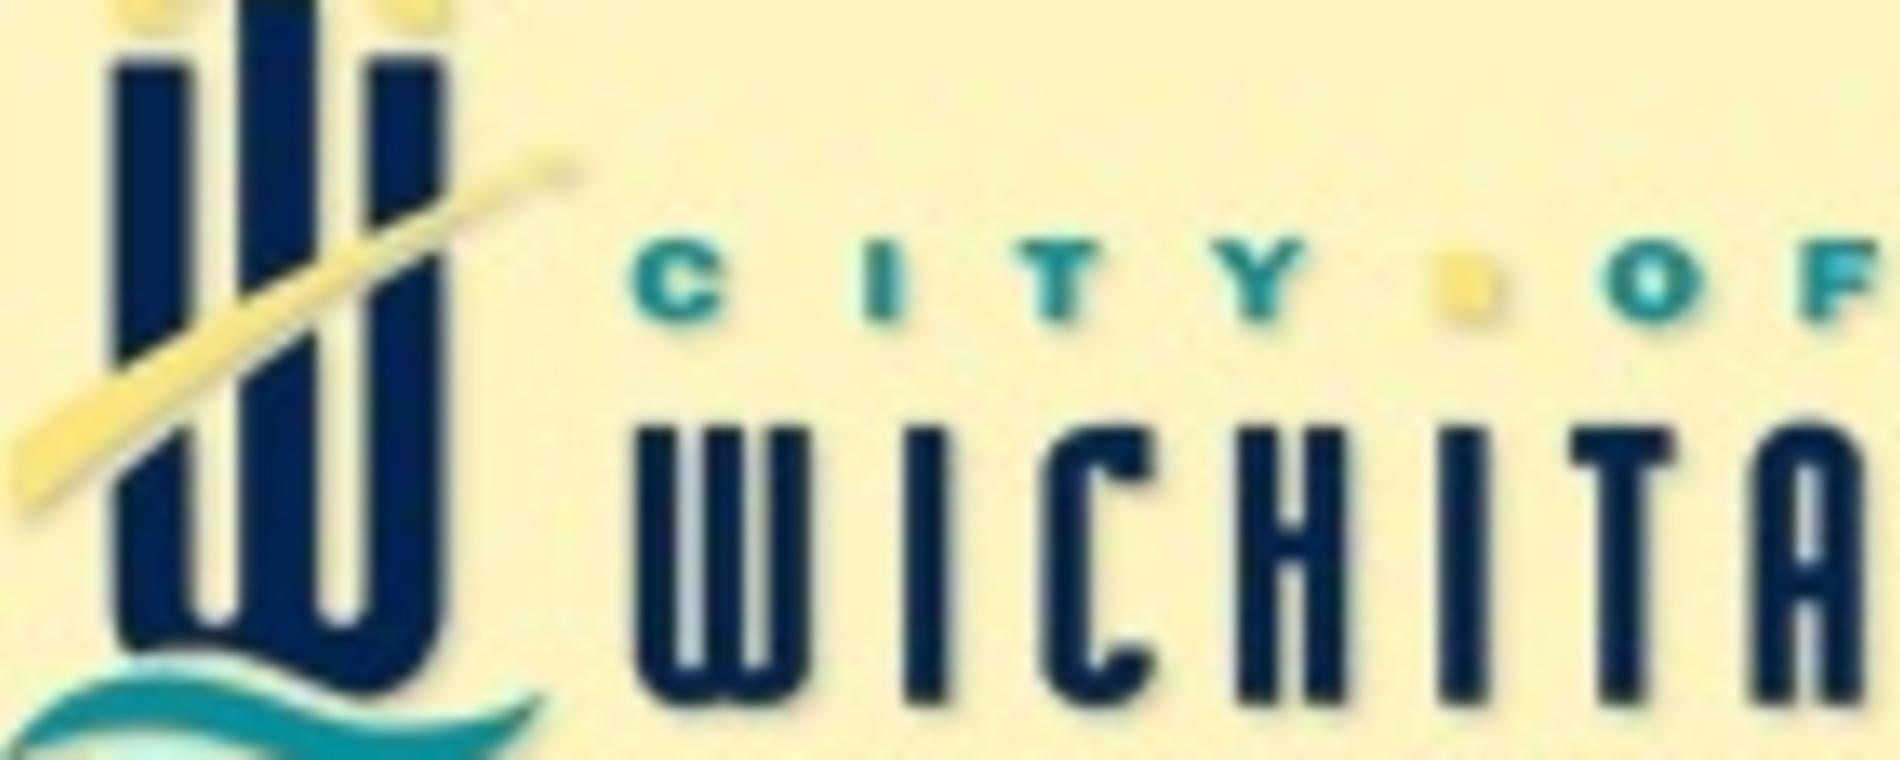 City of Wichita log Visit Wichita